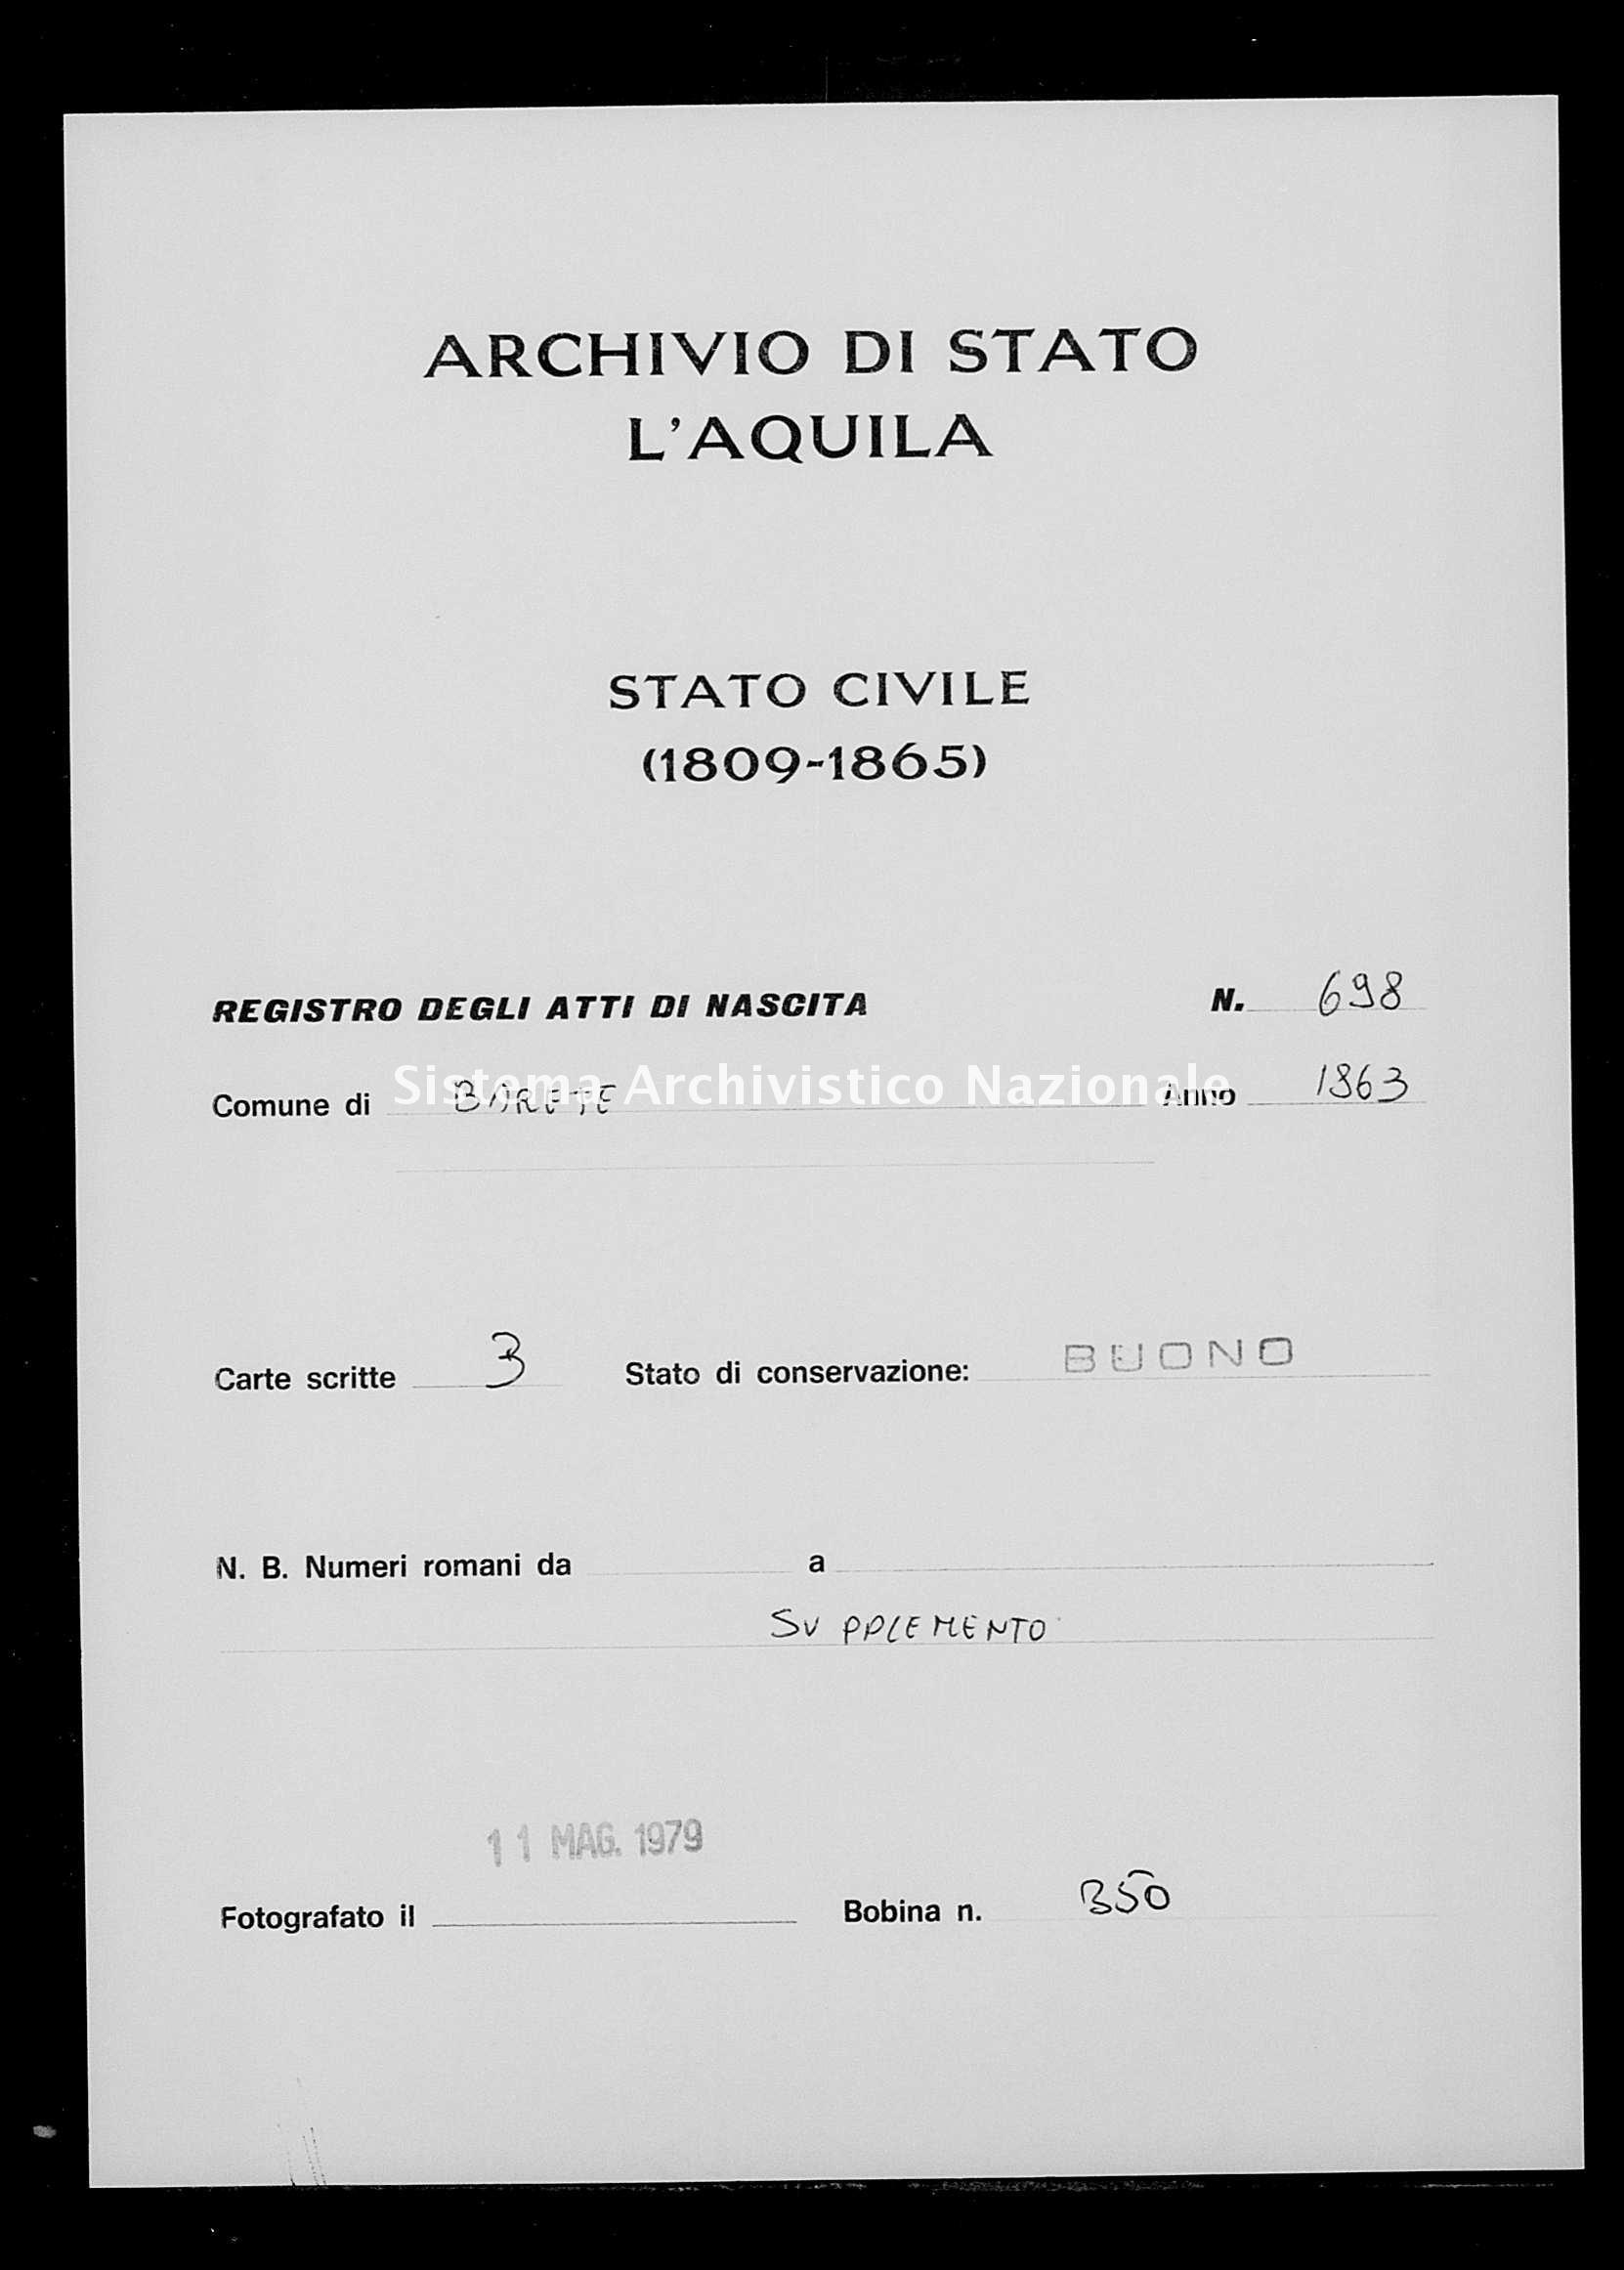 Archivio di stato di L'aquila - Stato civile italiano - Barete - Nati, esposti - 1863 - 698 -